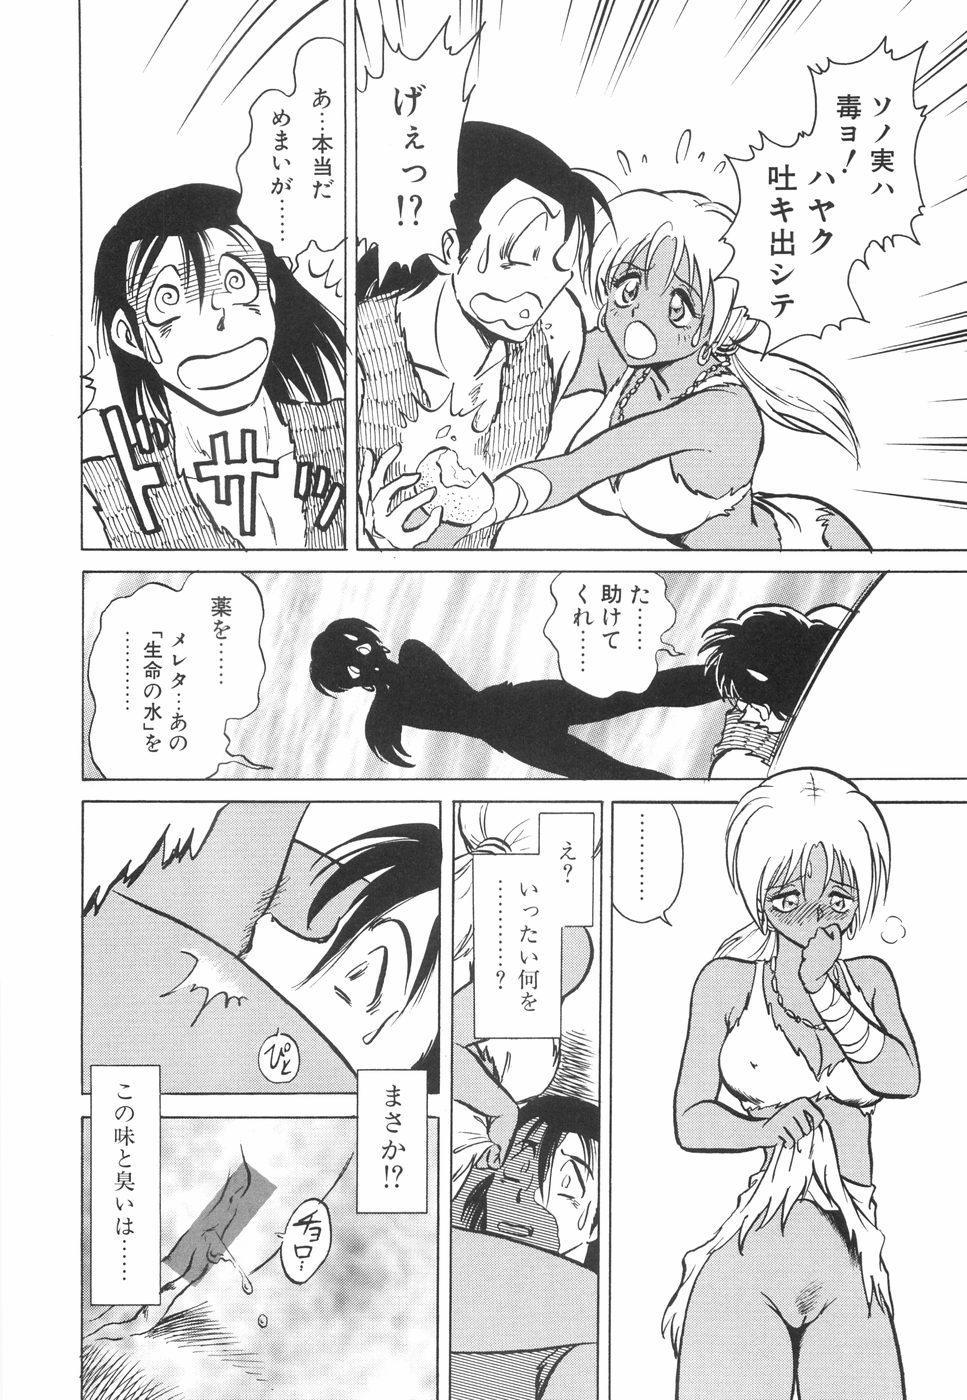 Hazukashime no Jikan 156